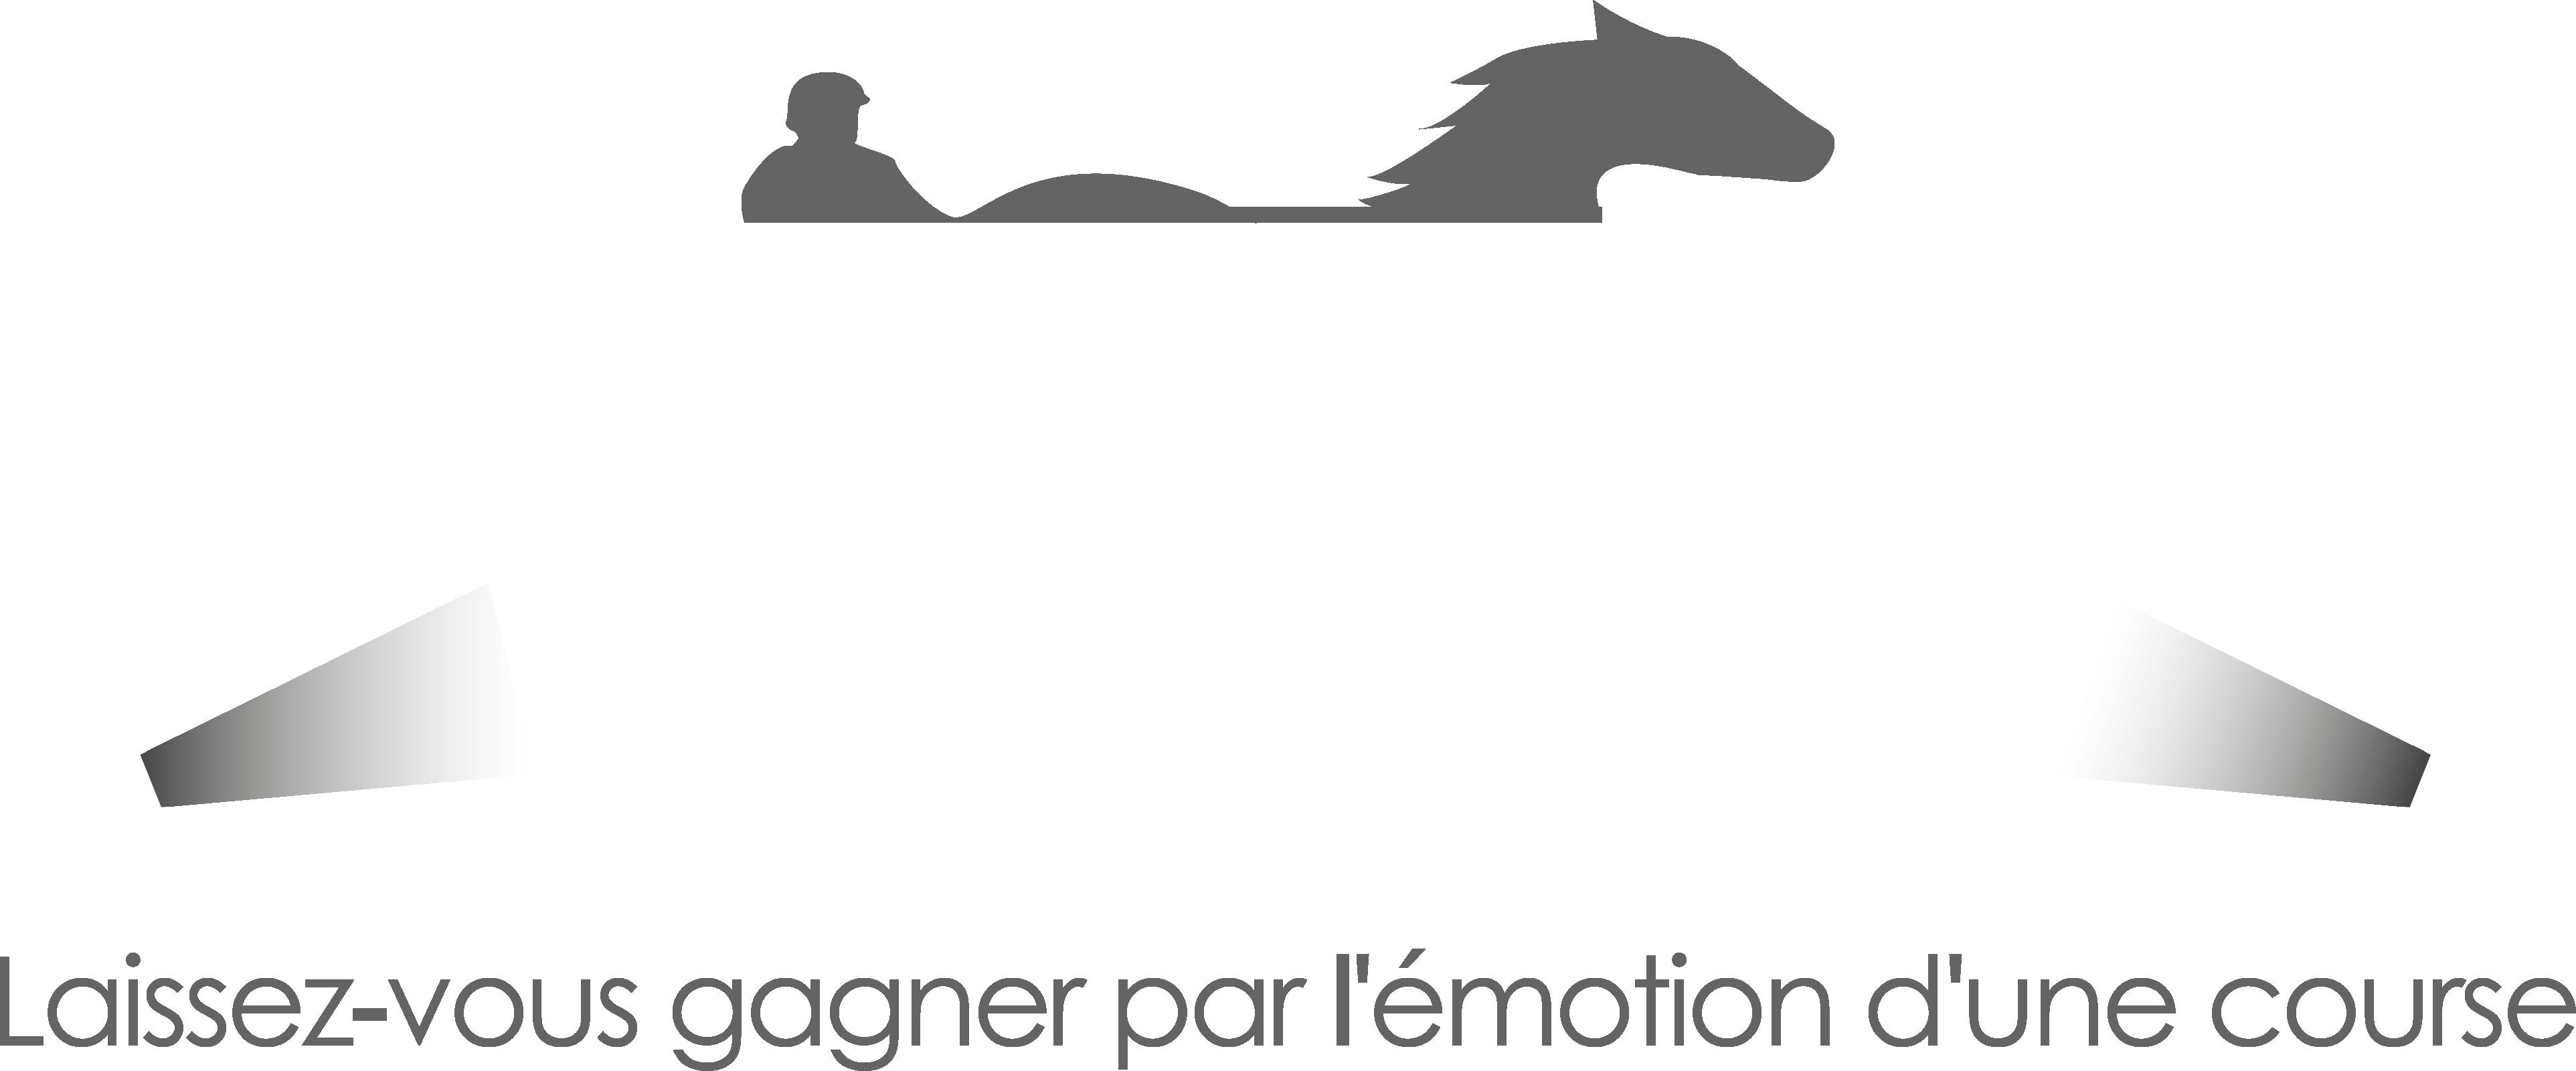 Hippodrome d'amiens - POINTdeREPÈRE & Art'dhésif, l'agence de communication et signalétique